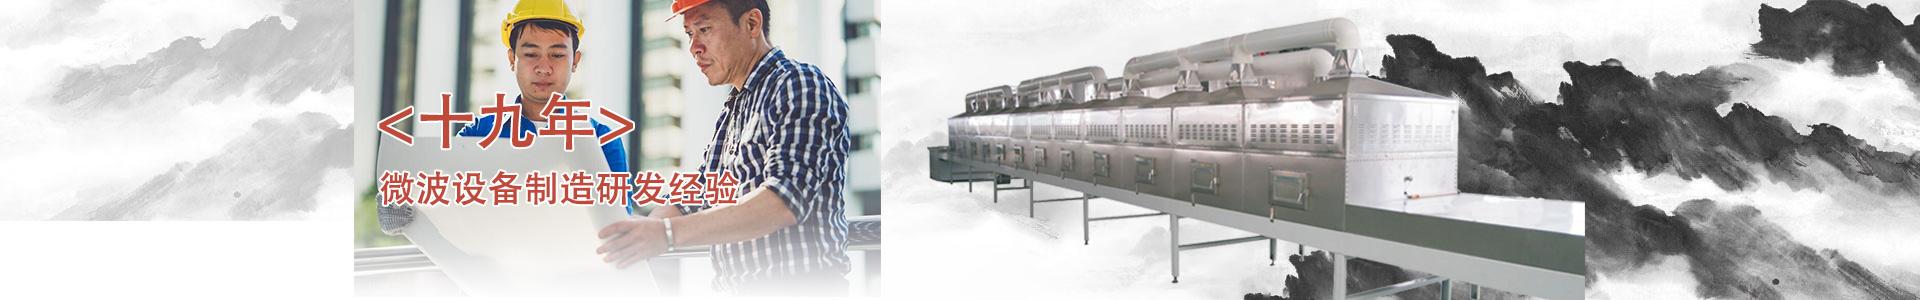 上海博奥微波设备北京奥运会上海世博会指定供应商